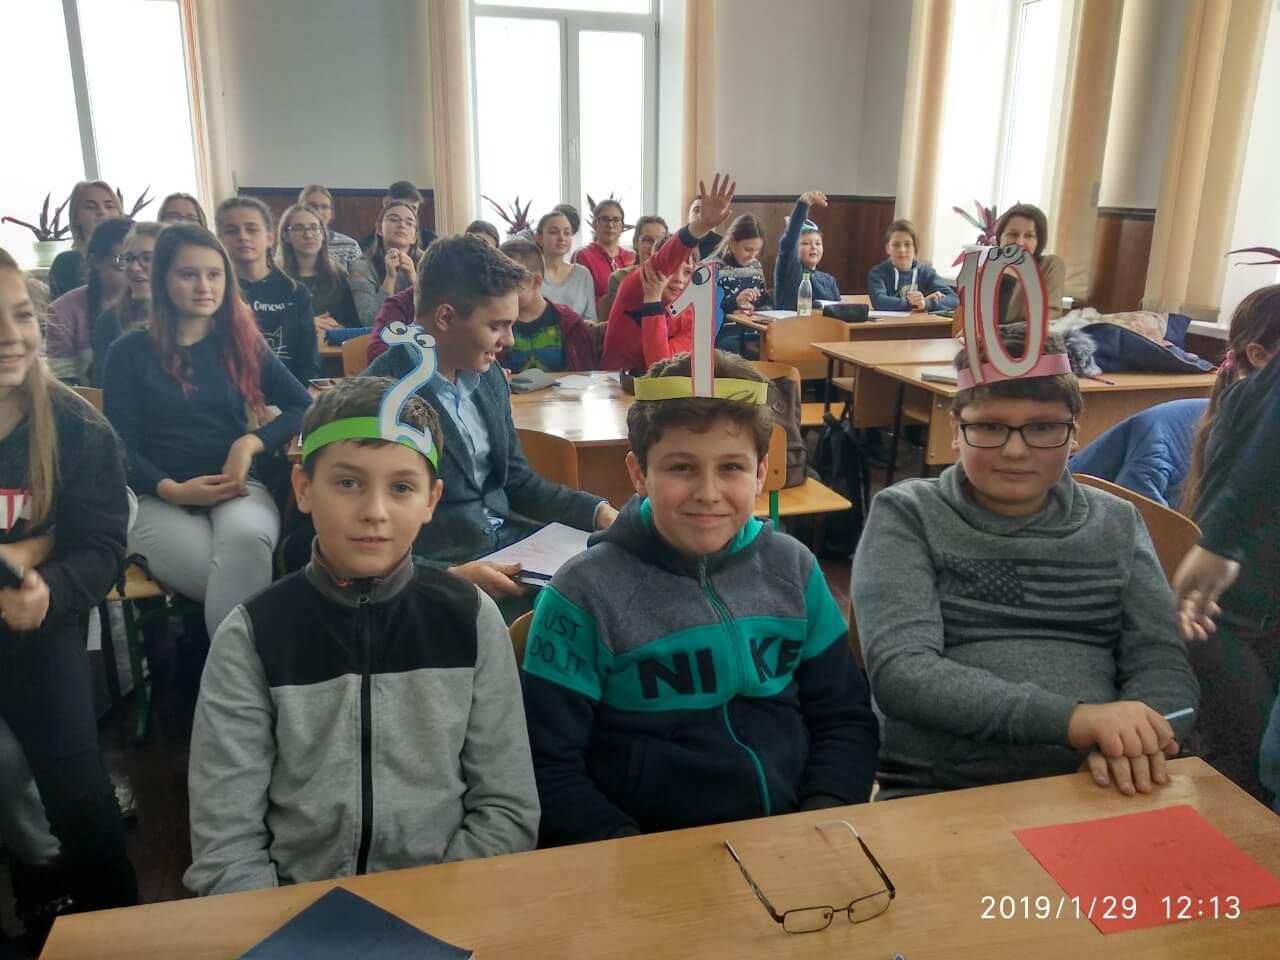 0 02 05 73921efef7e528b344591af3cc69dcb6fe4005c86125b49358b4917e5e6ef9f2 bcadbfa9 - День подяки: традиції святкування в світі й Україні